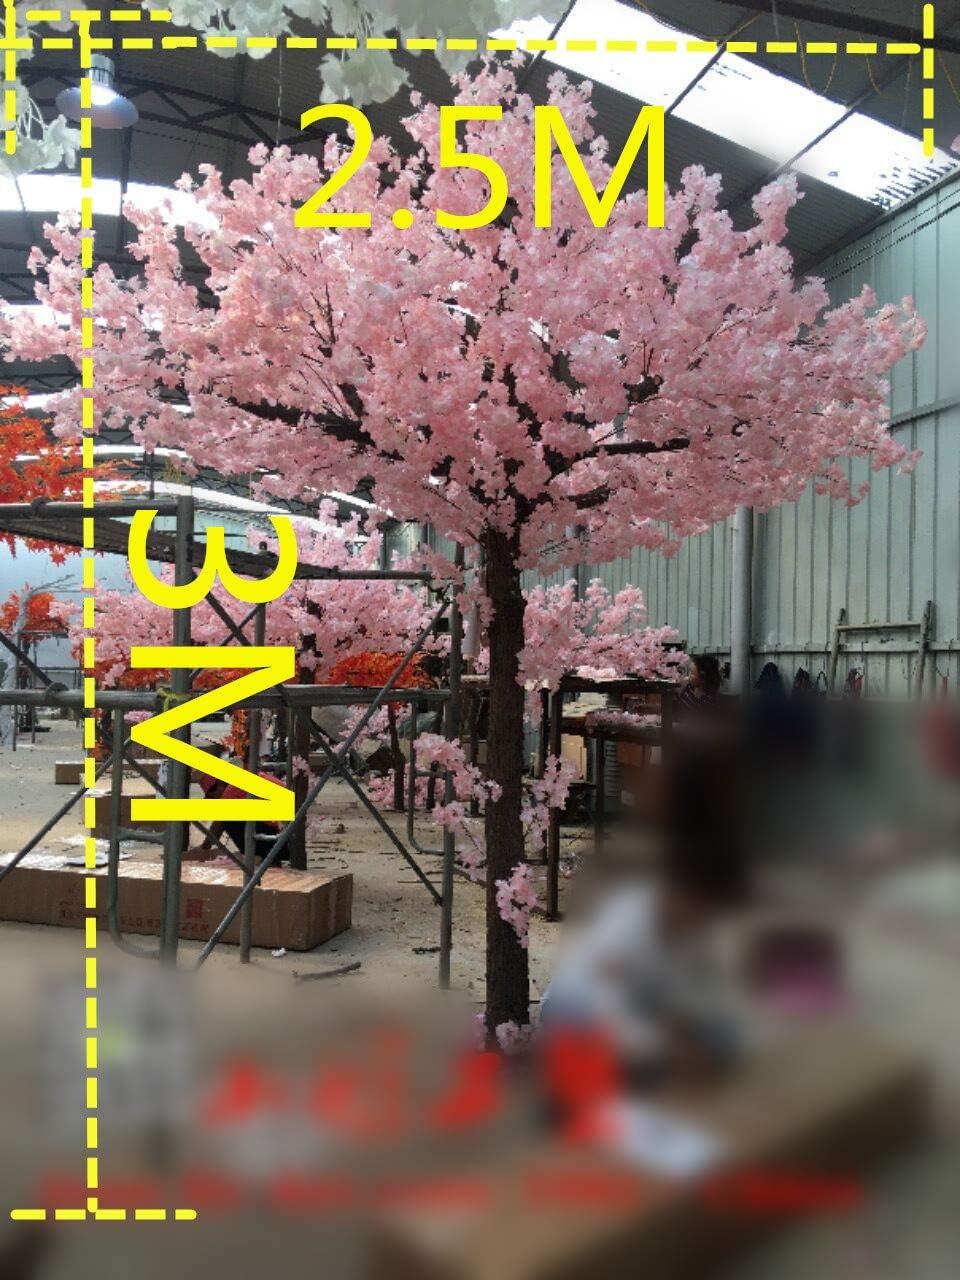 Cerisier Arbre Artificiel,Simulation Faux Arbres 1.6M D/écoration De La Maison Faux Arbres Plantes Souhaitant L/'Arbre P/êcher Salon Salon Int/érieur Et Ext/érieur H/ôtel D/écorant Arbres